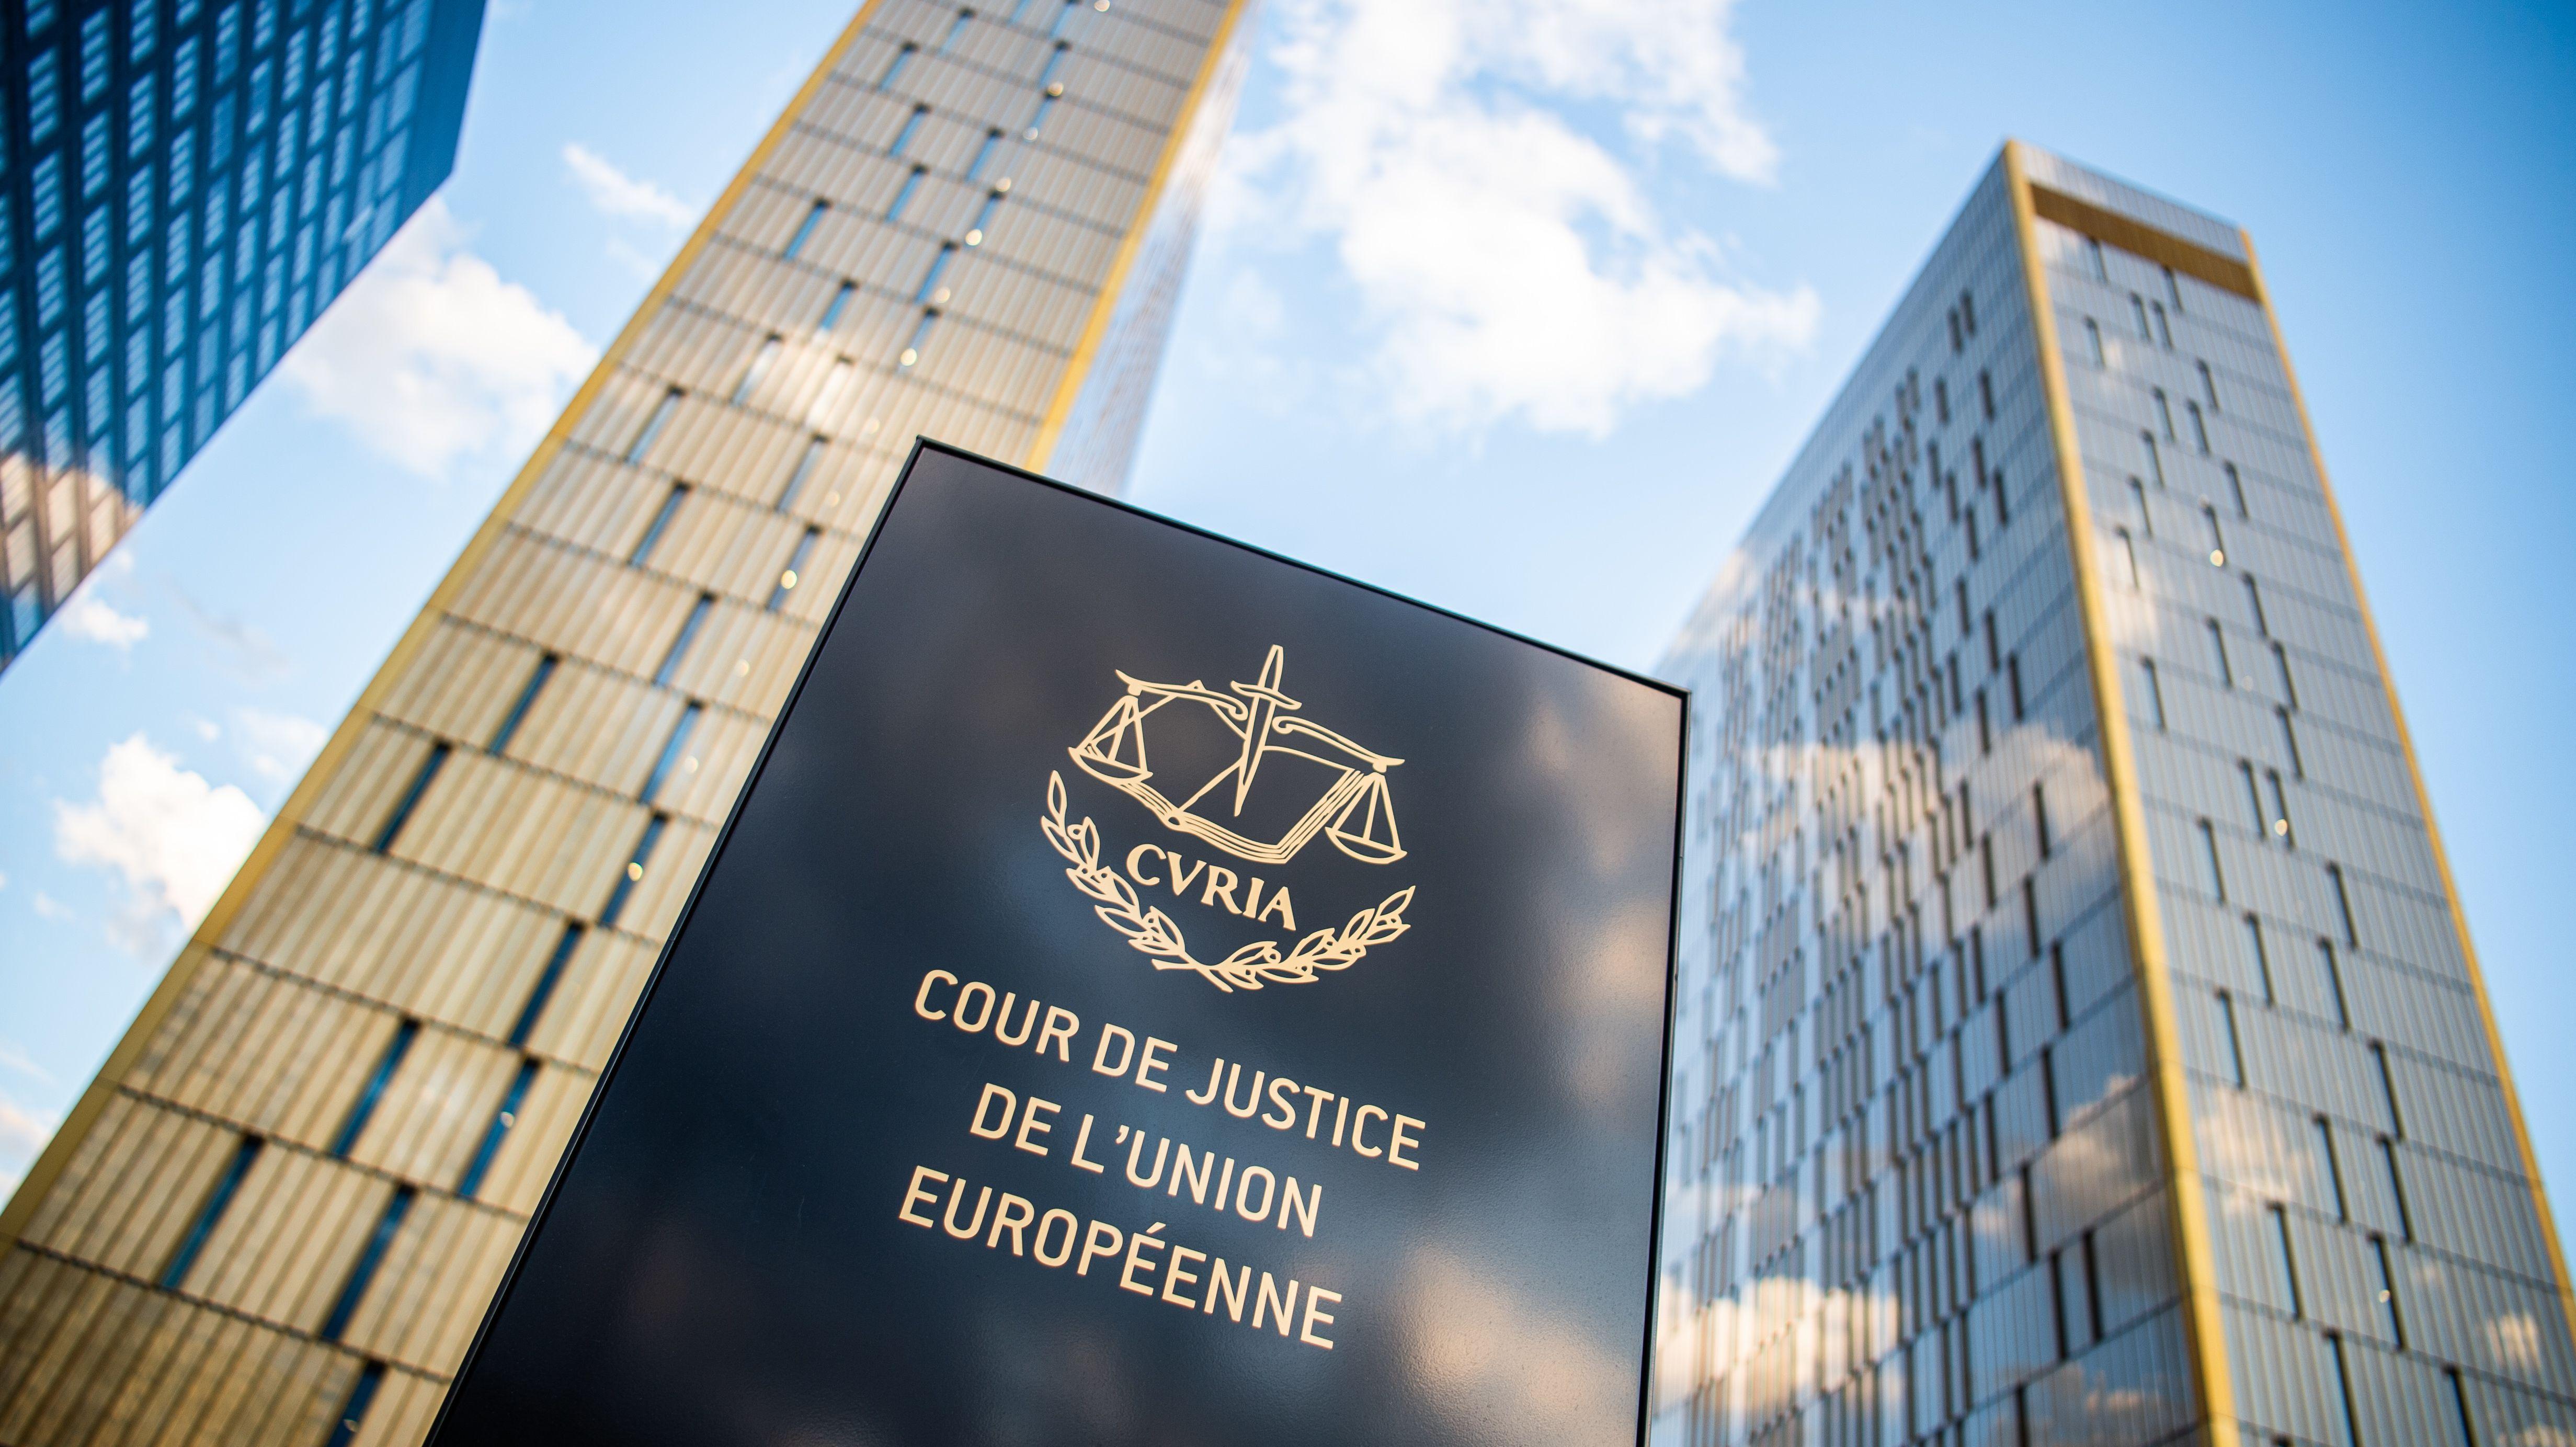 """Bürotürmen des Europäischen Gerichtshofs mit der Aufschrift """"Cour de Justice de l'union Européene"""""""